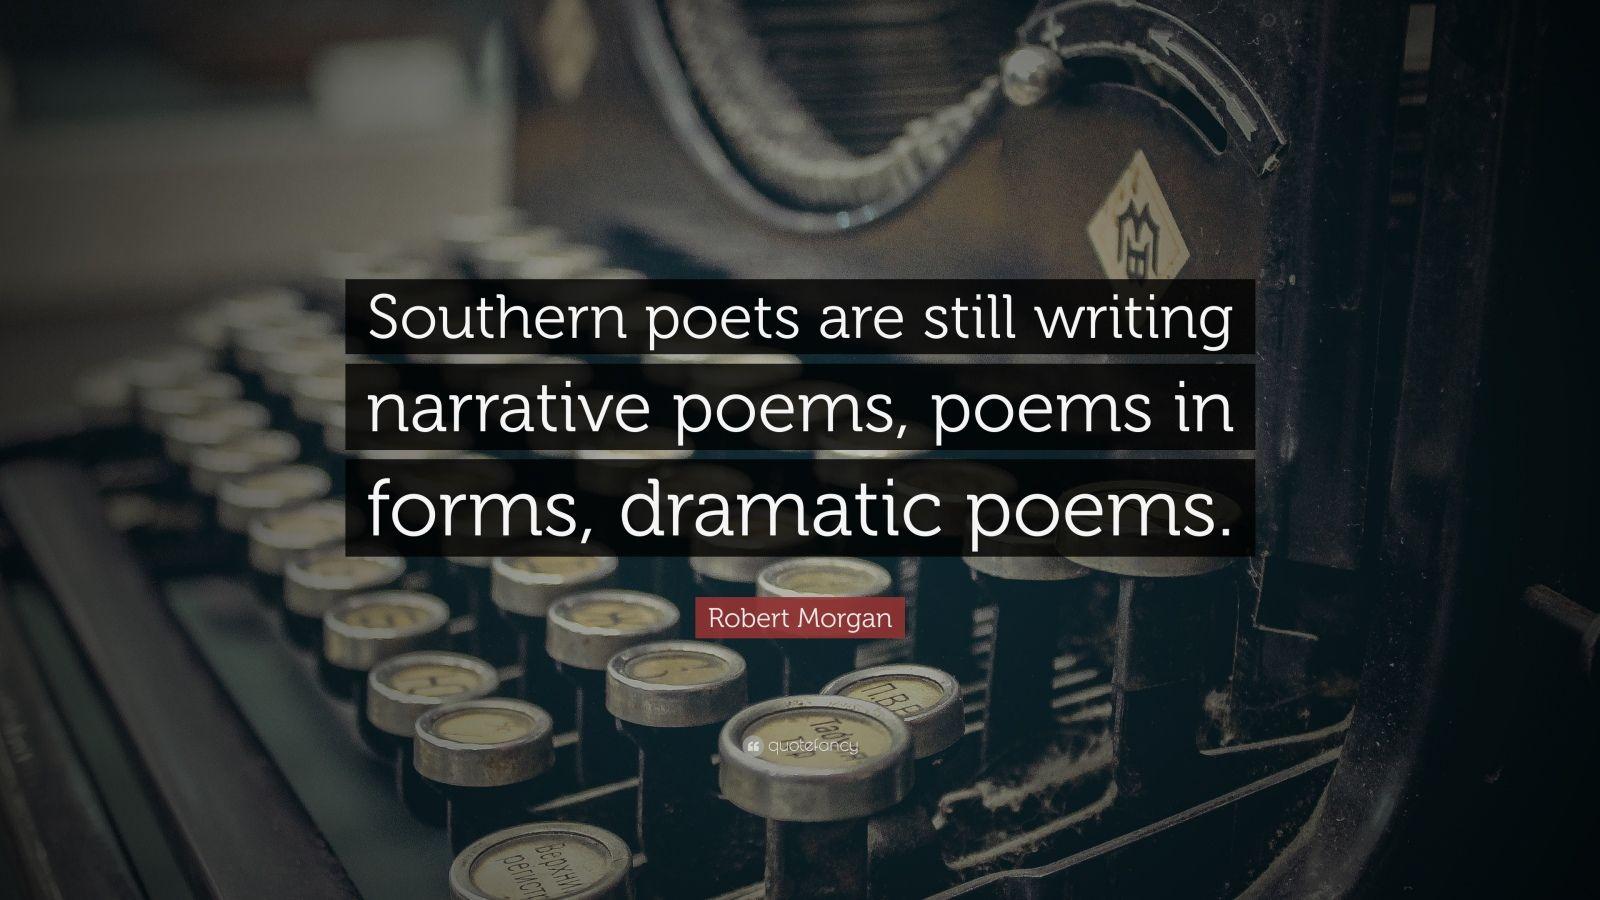 Robert Morgan (poet)